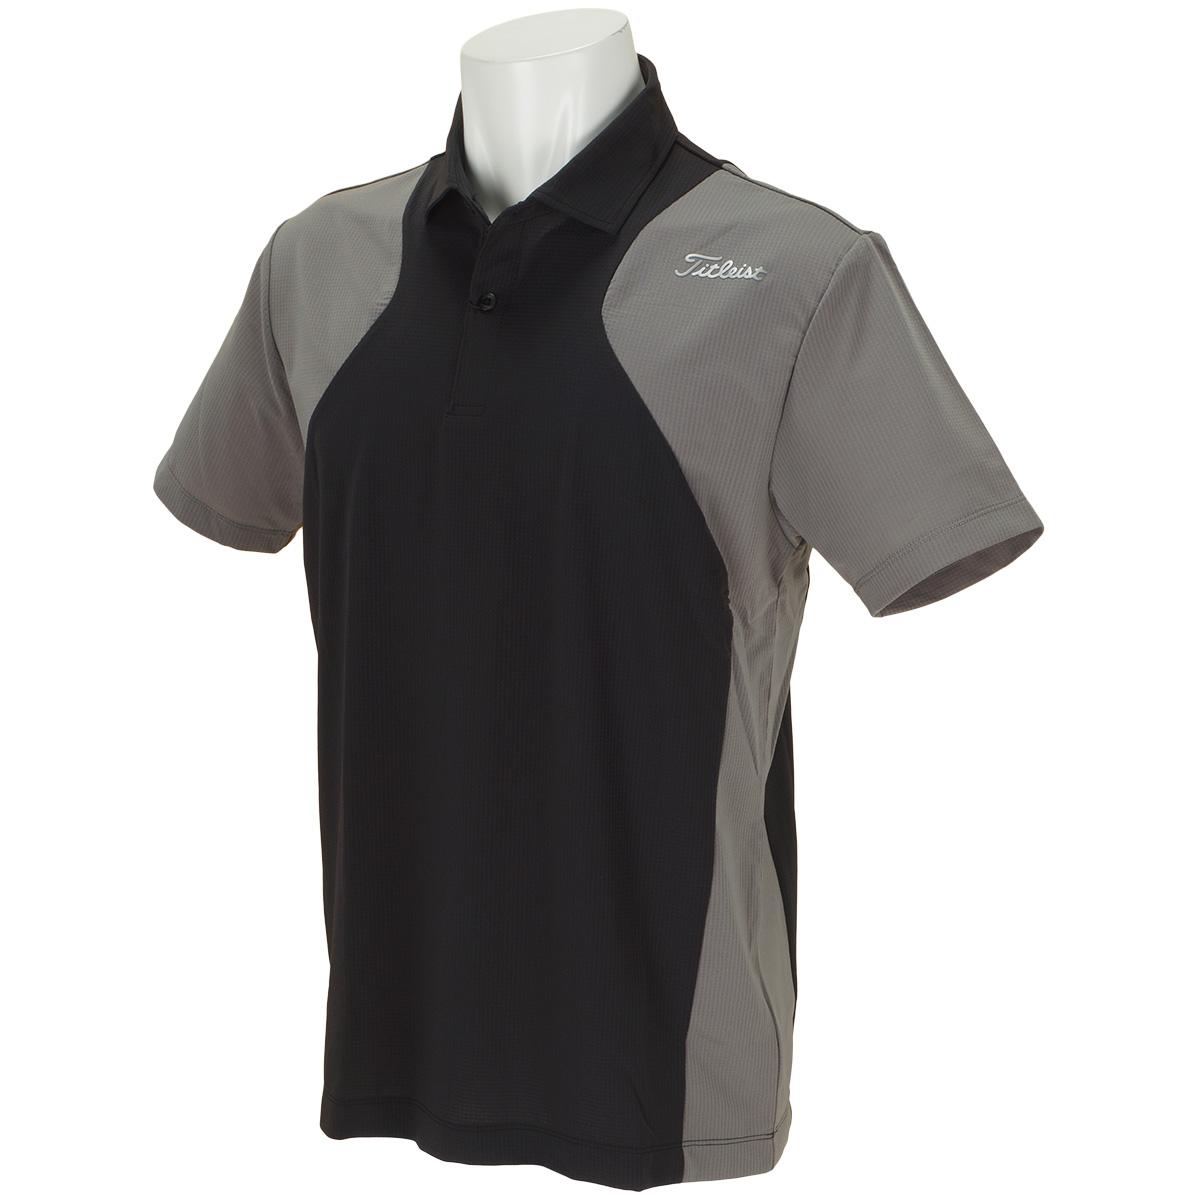 ストレッチ リップシャツベンチレーション 半袖ポロシャツ